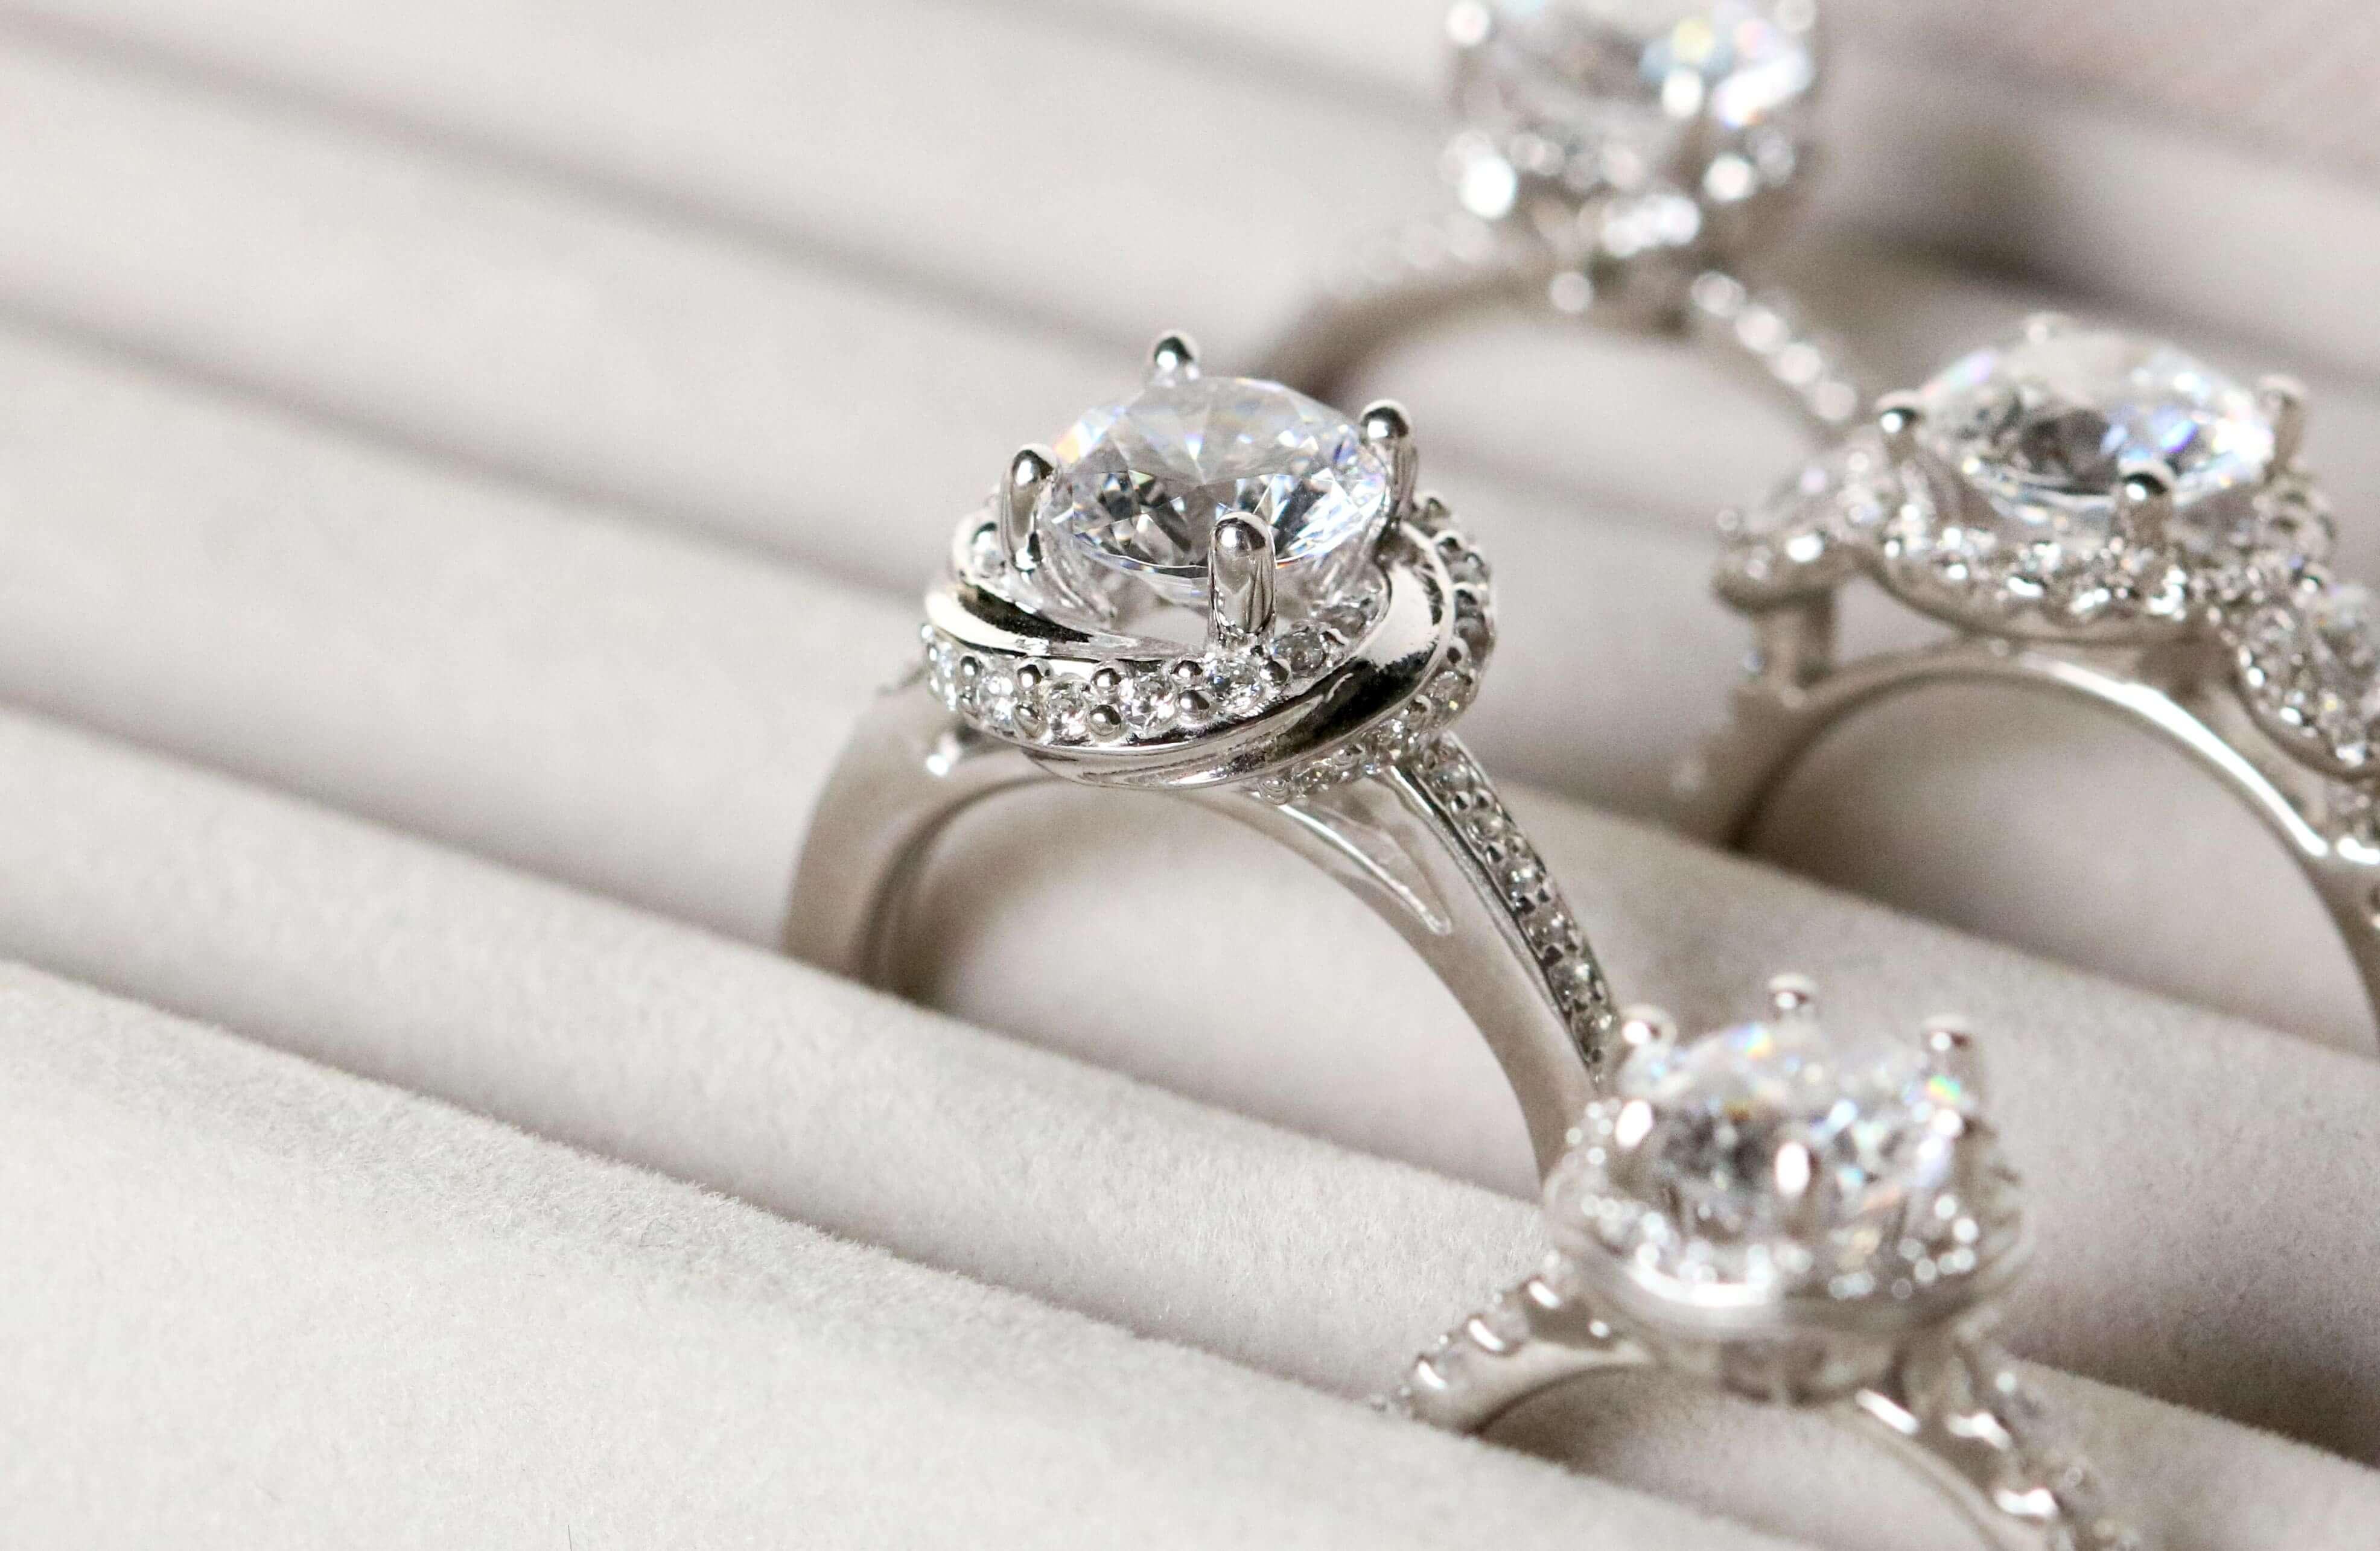 Multiple Diamond Nexus engagement rings in white gold.